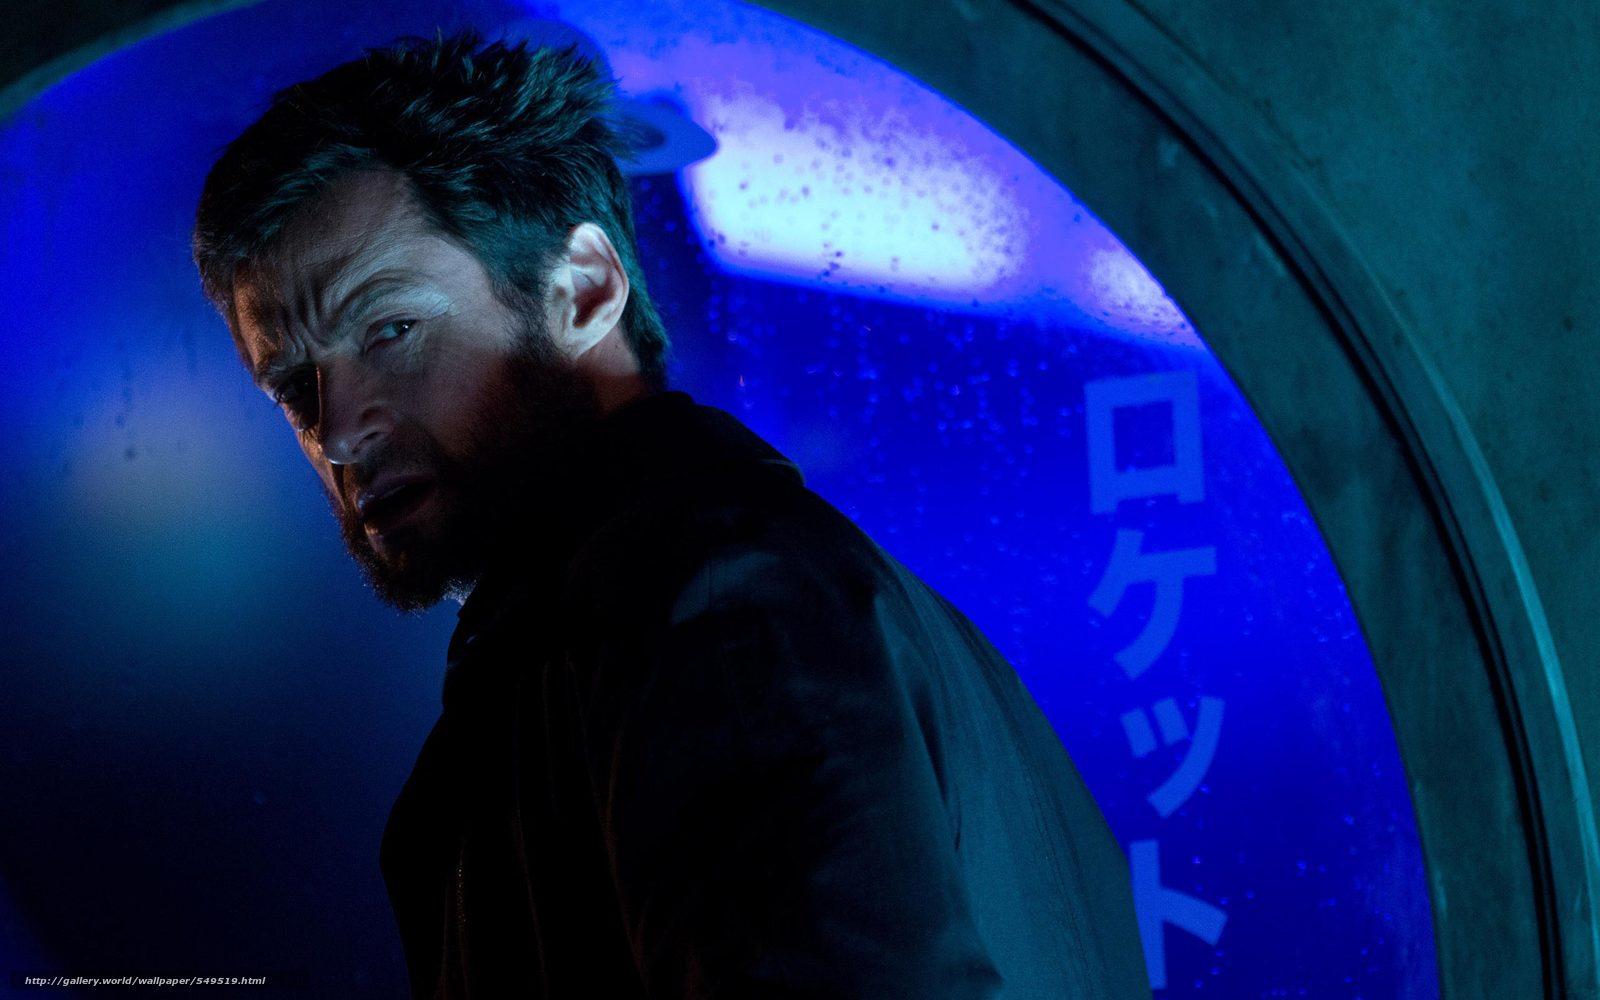 Скачать обои Hugh Jackman,  X-Men,  Wolverine,  Росомаха бесплатно для рабочего стола в разрешении 2560x1600 — картинка №549519